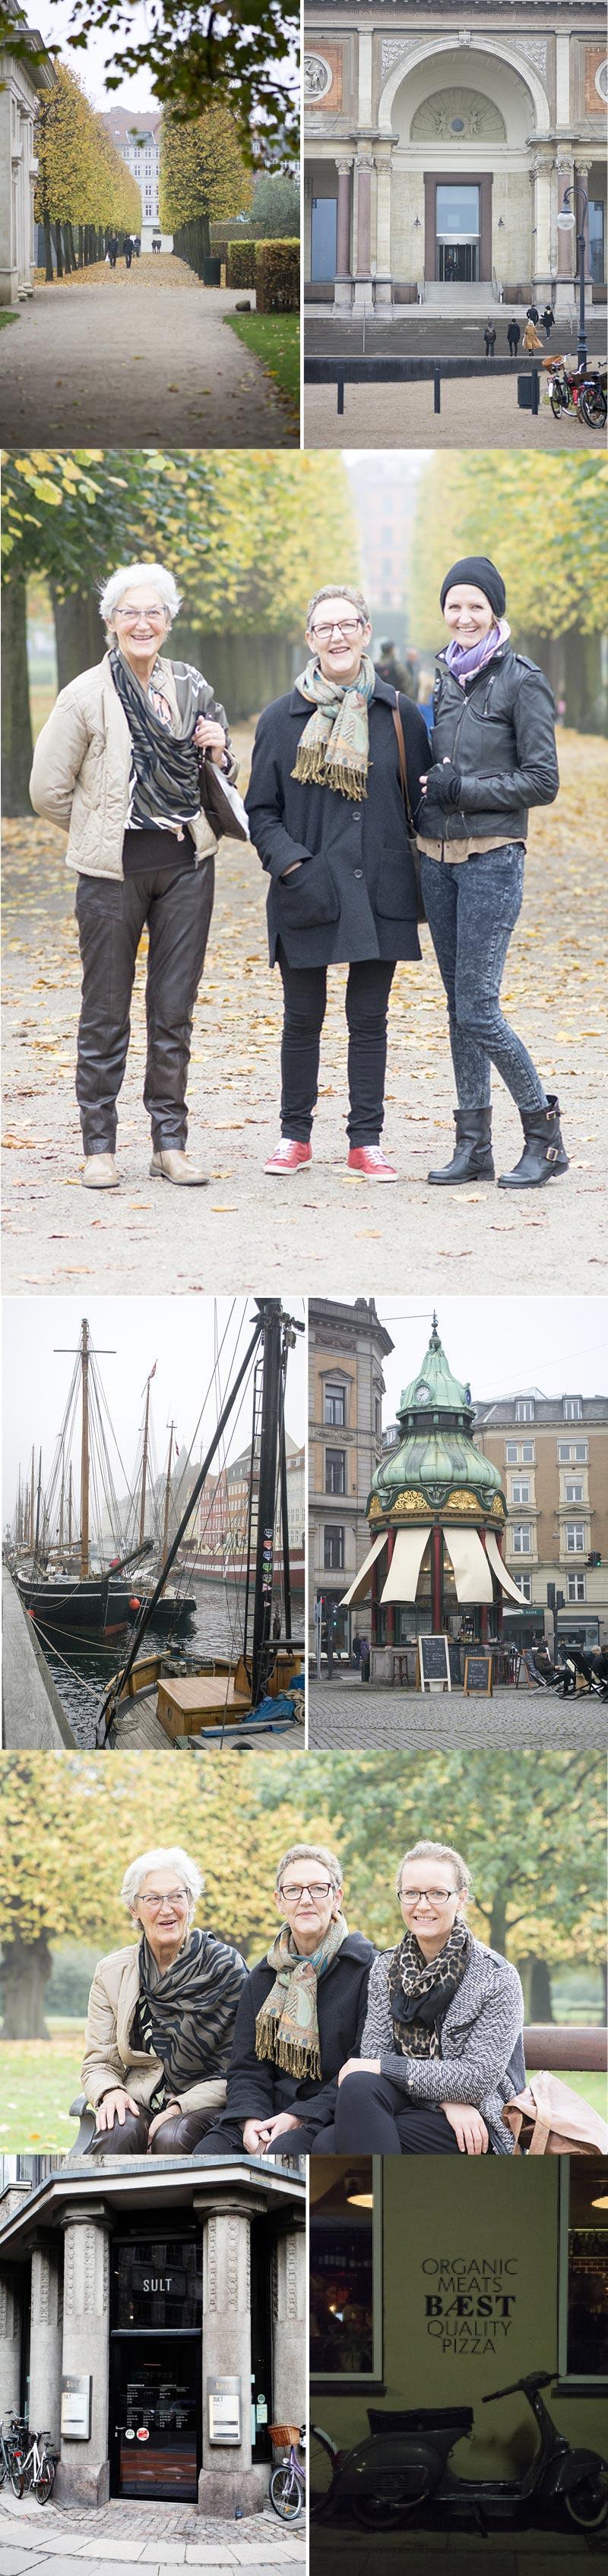 København weekend - vangelyst